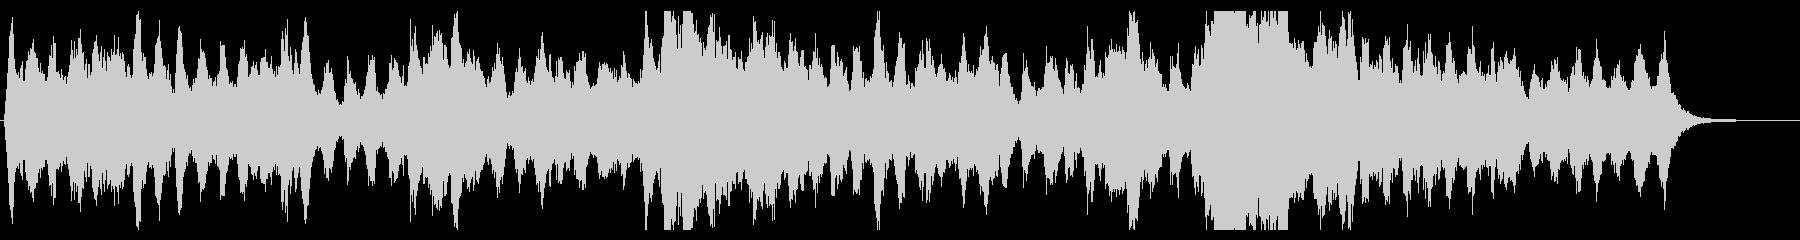 エルガー行進曲「威風堂々」有名サビ部分の未再生の波形